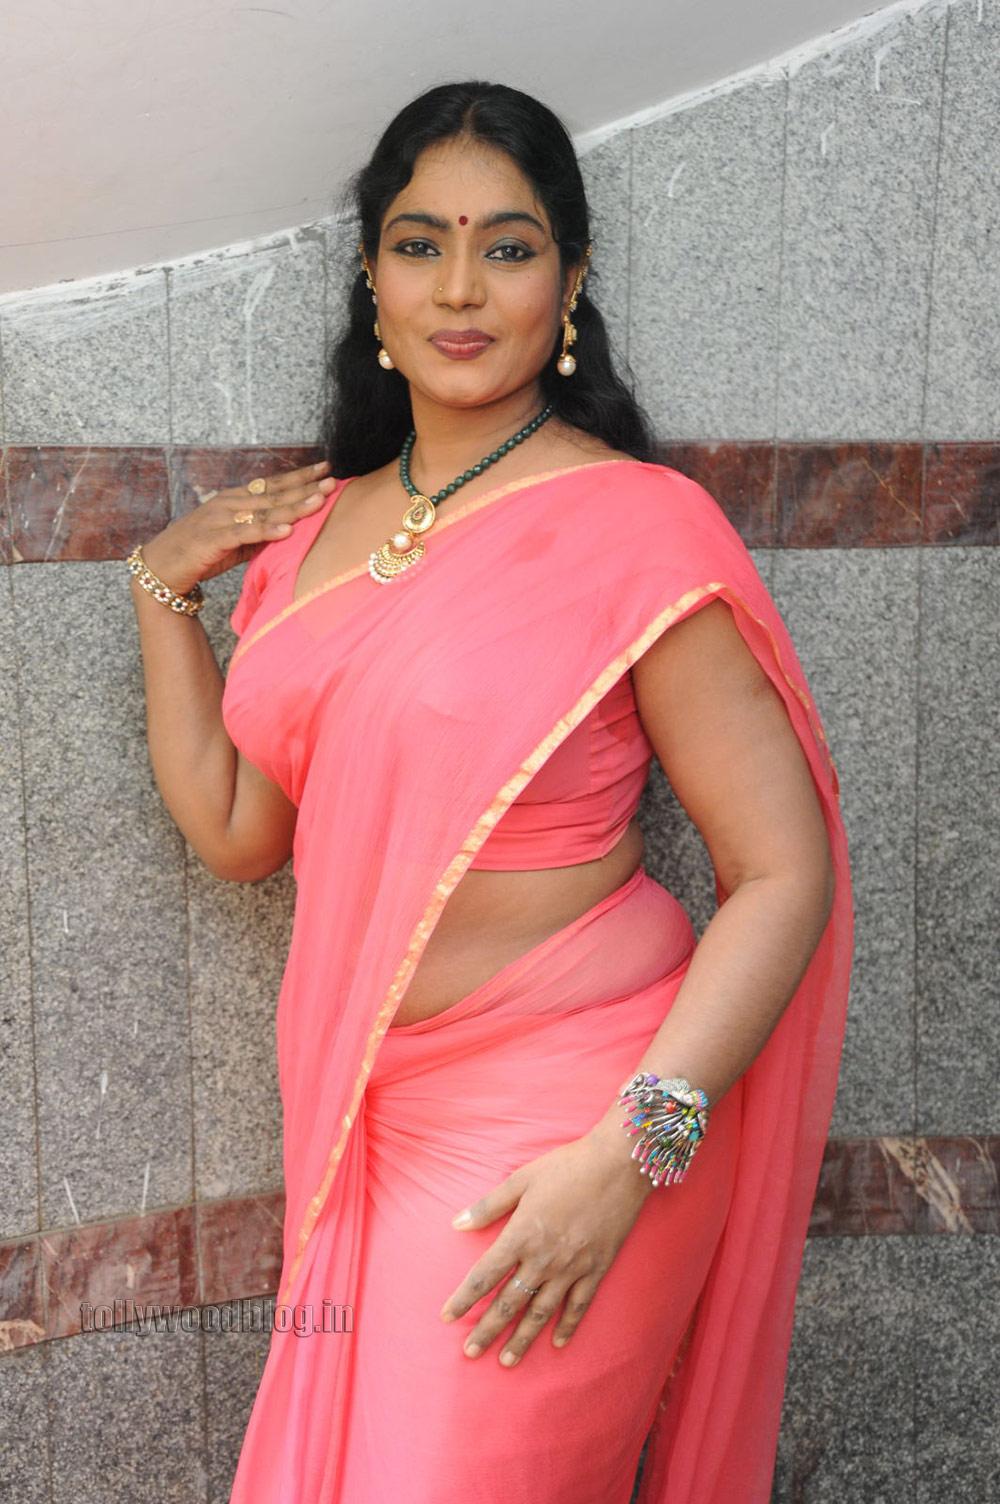 hot saree photos gallery